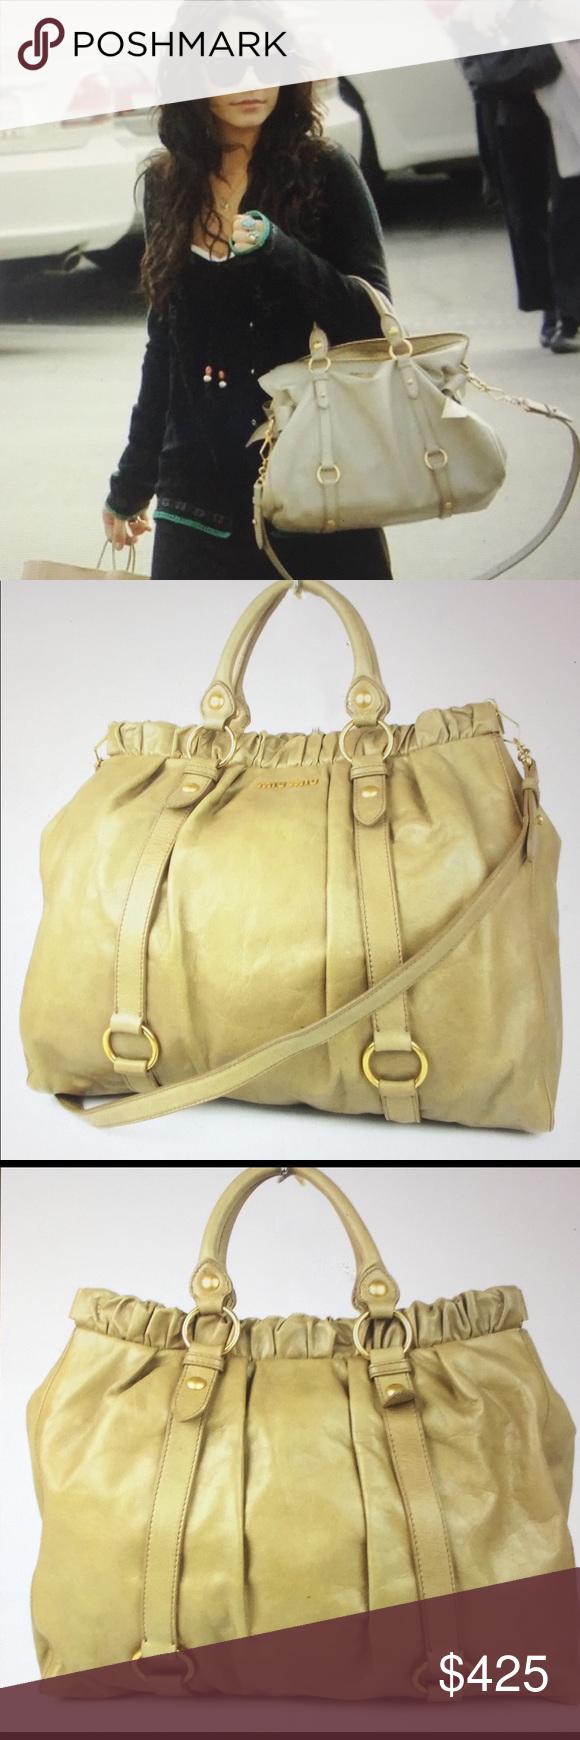 Miu Miu Leather Large 2 Way Shoulder Bag Authentic Miu Miu Two way Handbag 471d30a5510ef